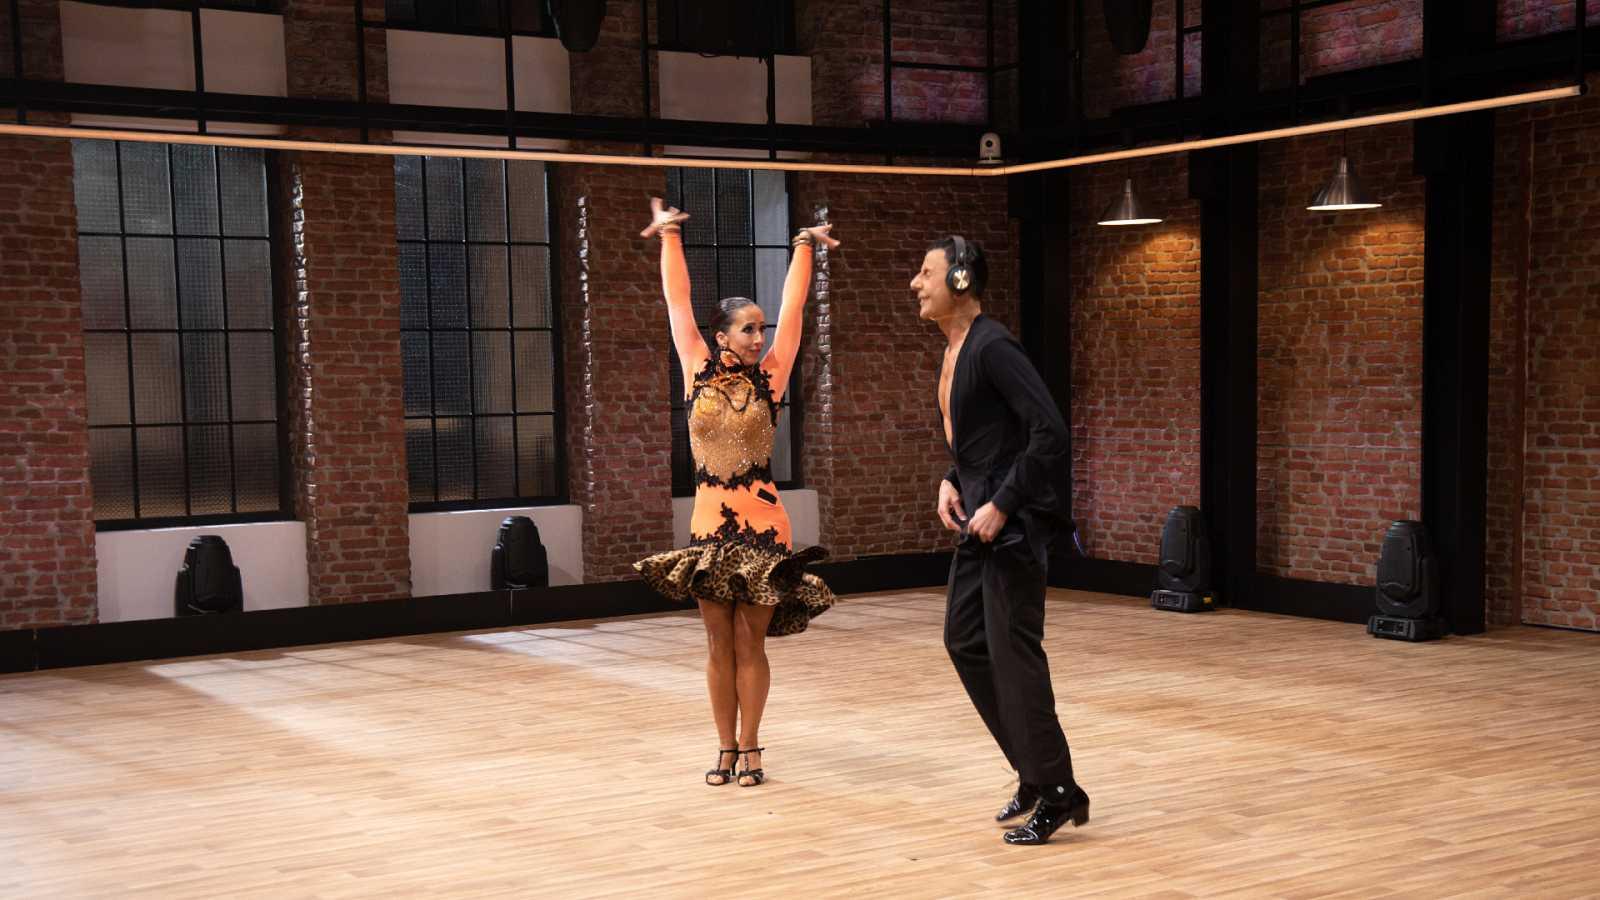 The Dancer - La sorprendente historia de Joan y Rosana, 'Bailar en el silencio'